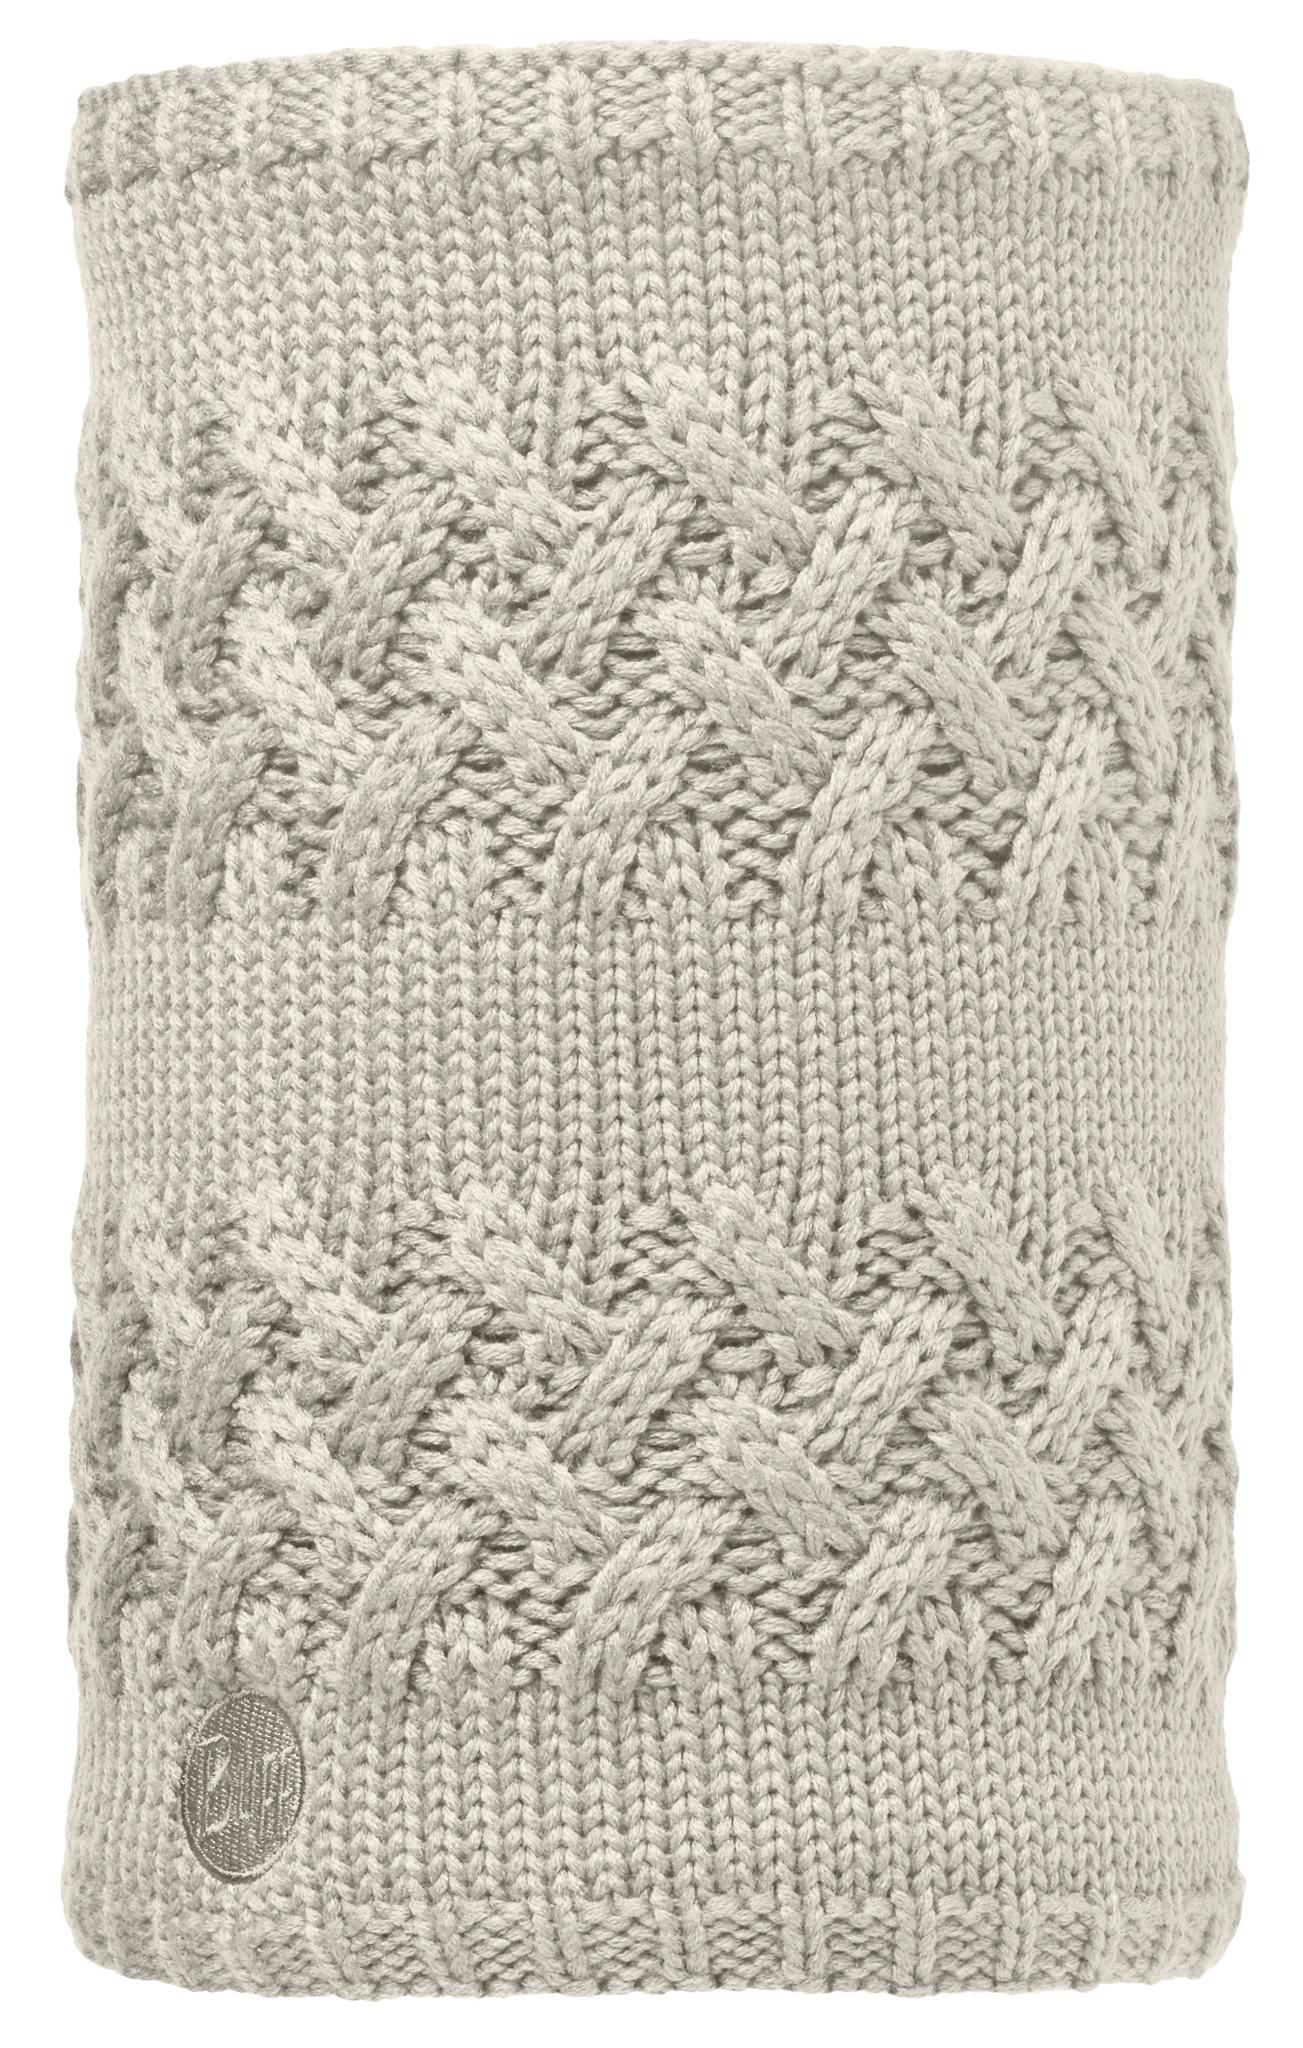 Вязаные шарфы Вязаный шарф-труба с флисовой подкладкой Buff Savva Cream 113349.006.10.00.jpg